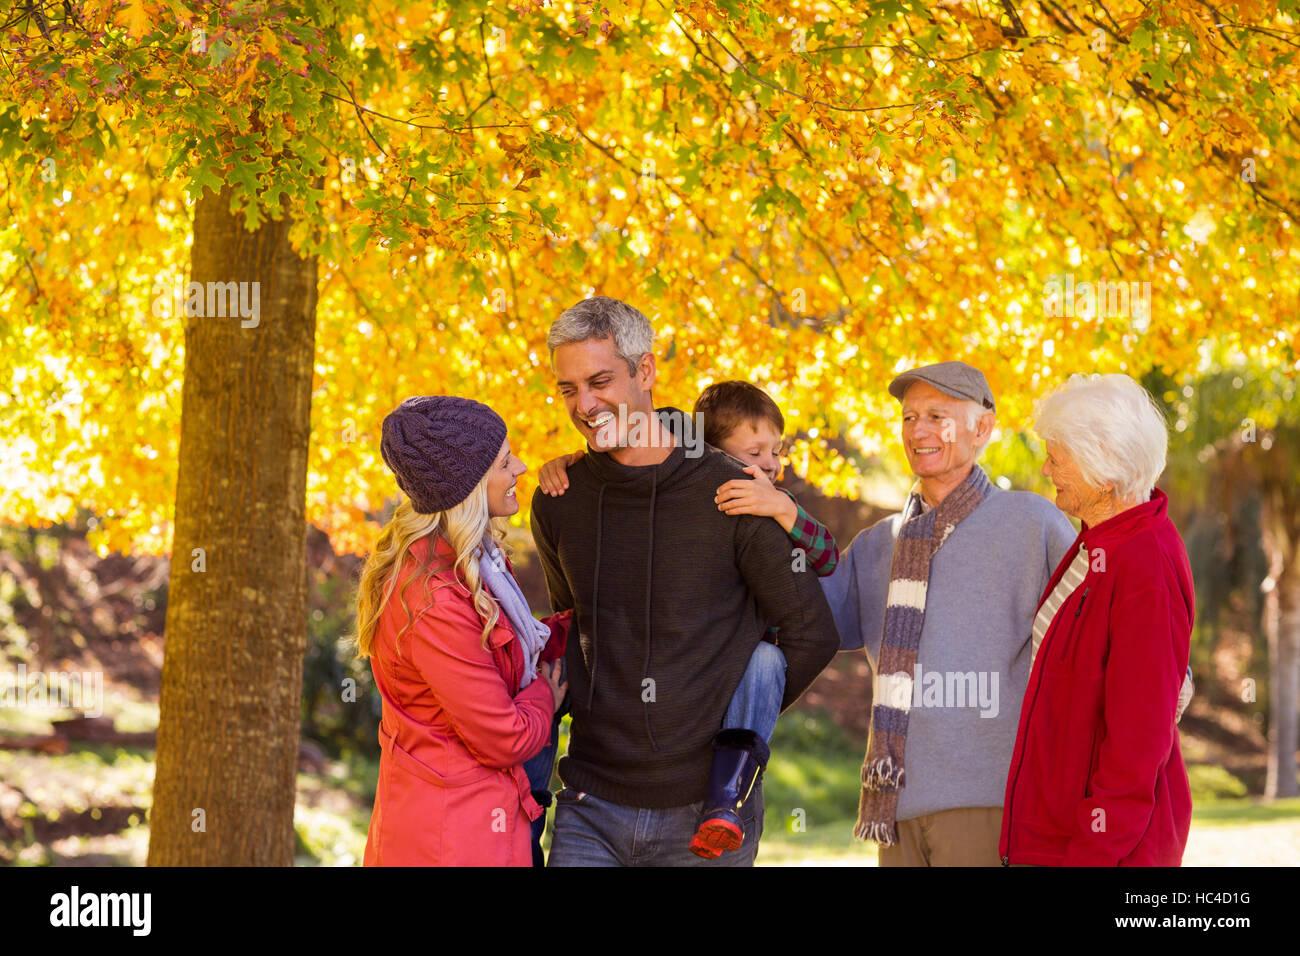 Multi-generation family enjoying at park - Stock Image